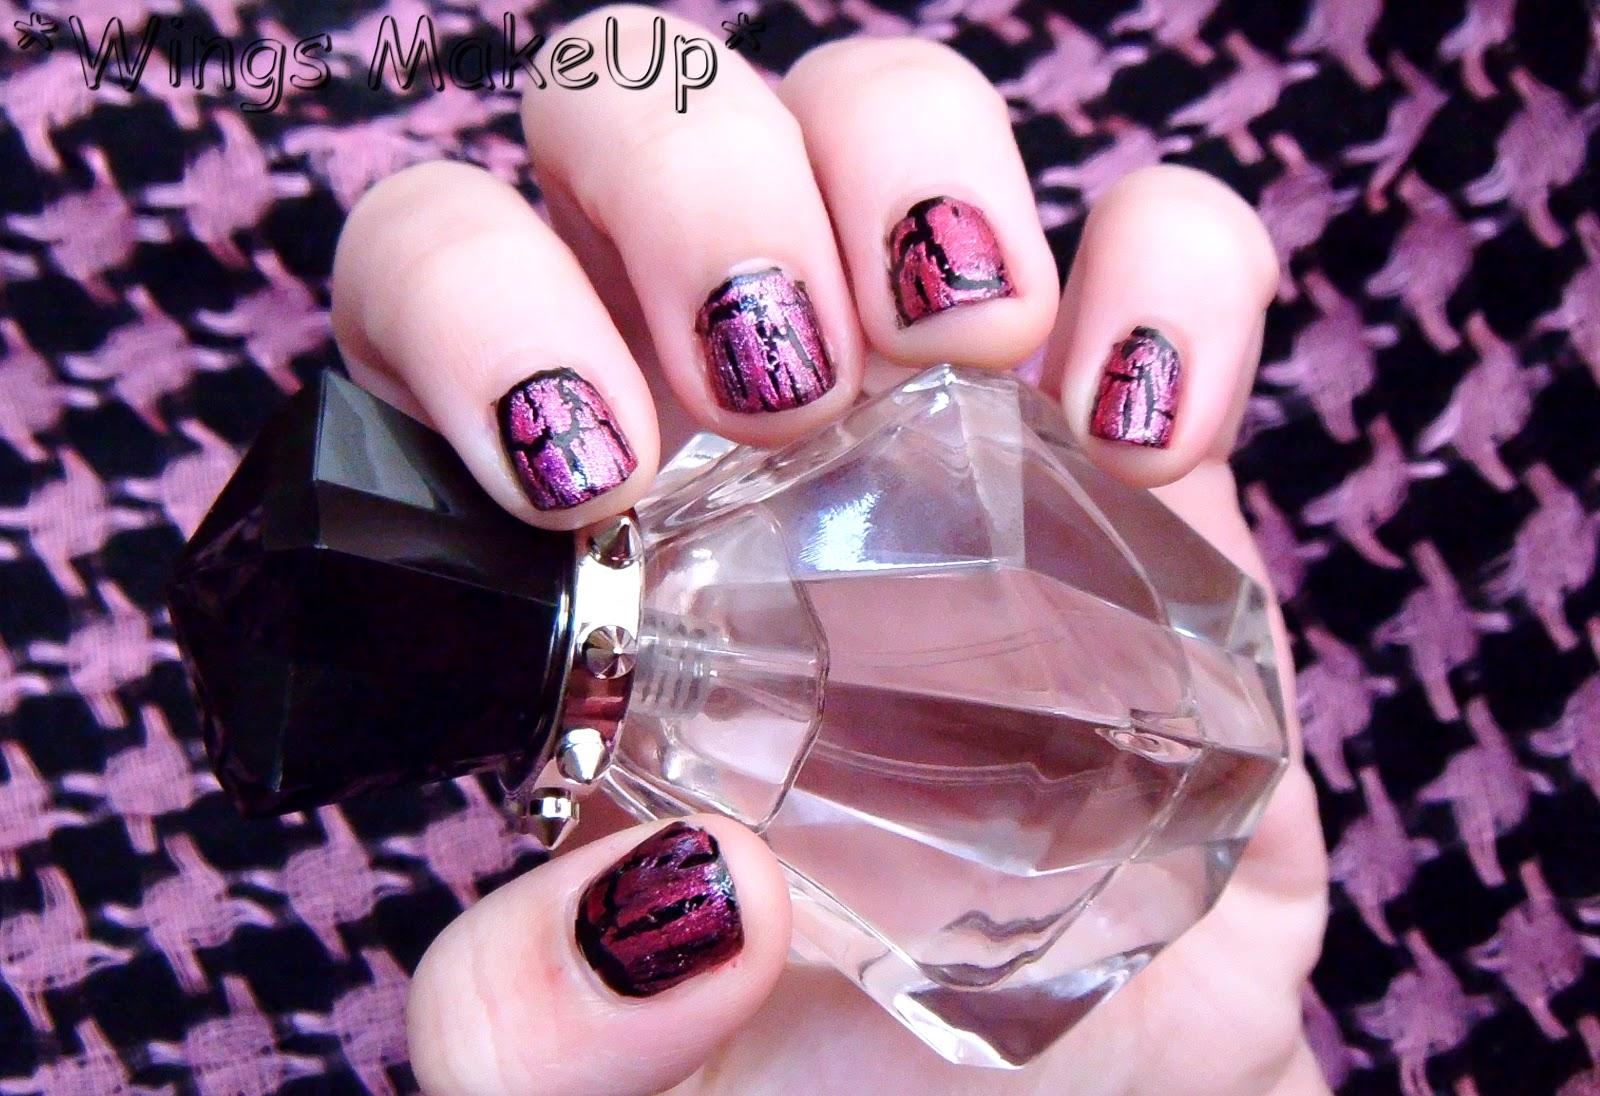 http://1.bp.blogspot.com/-LHoqk5SNDpI/UL98H7Pq85I/AAAAAAAAApU/M-_6u4cNwdE/s1600/blackstar11.JPG